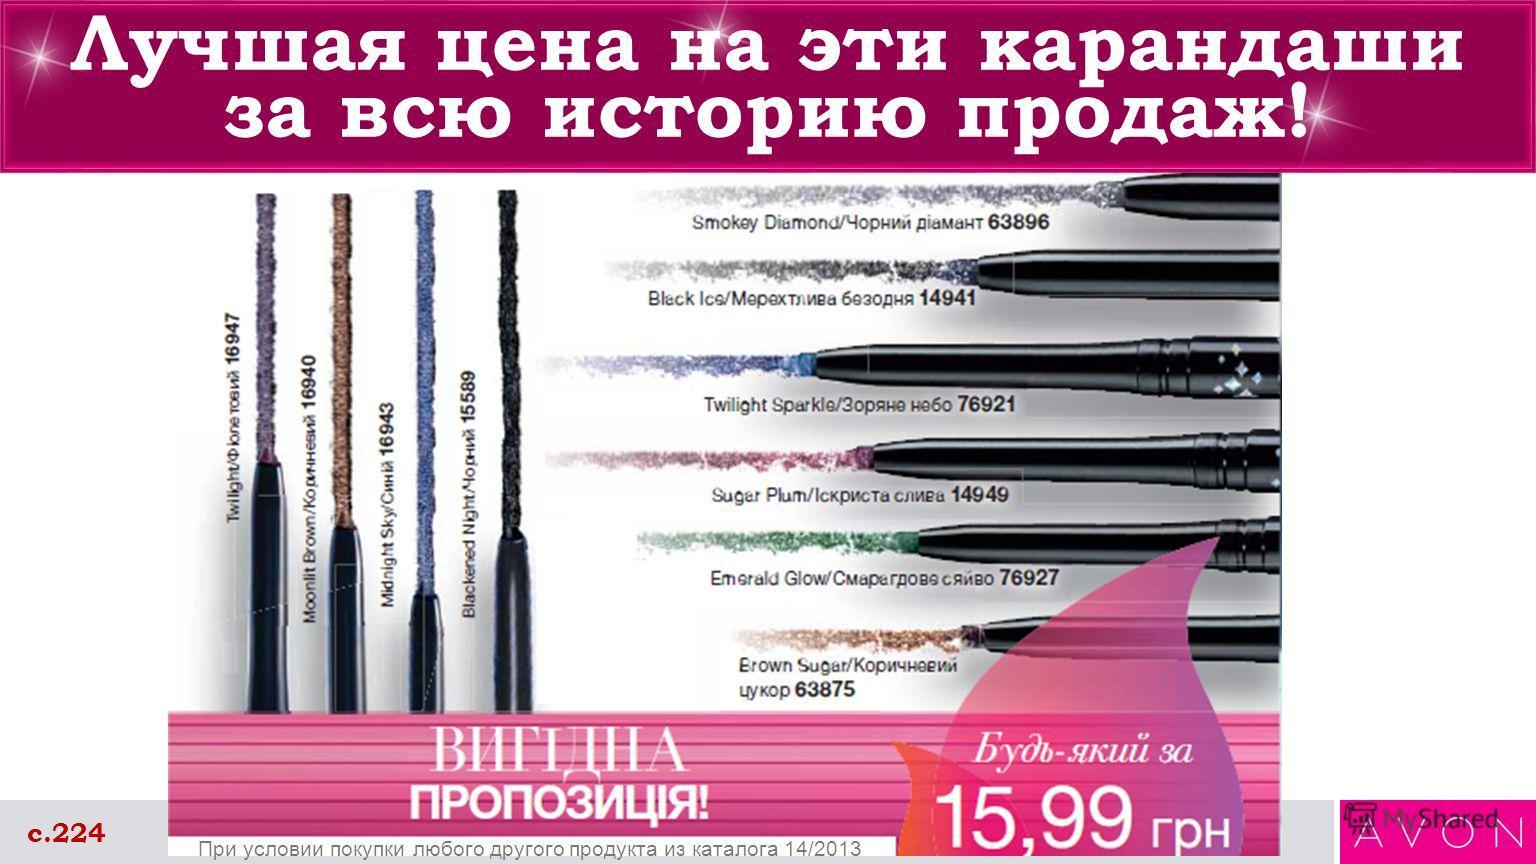 Лучшая цена на эти карандаши за всю историю продаж! с.224 При условии покупки любого другого продукта из каталога 14/2013